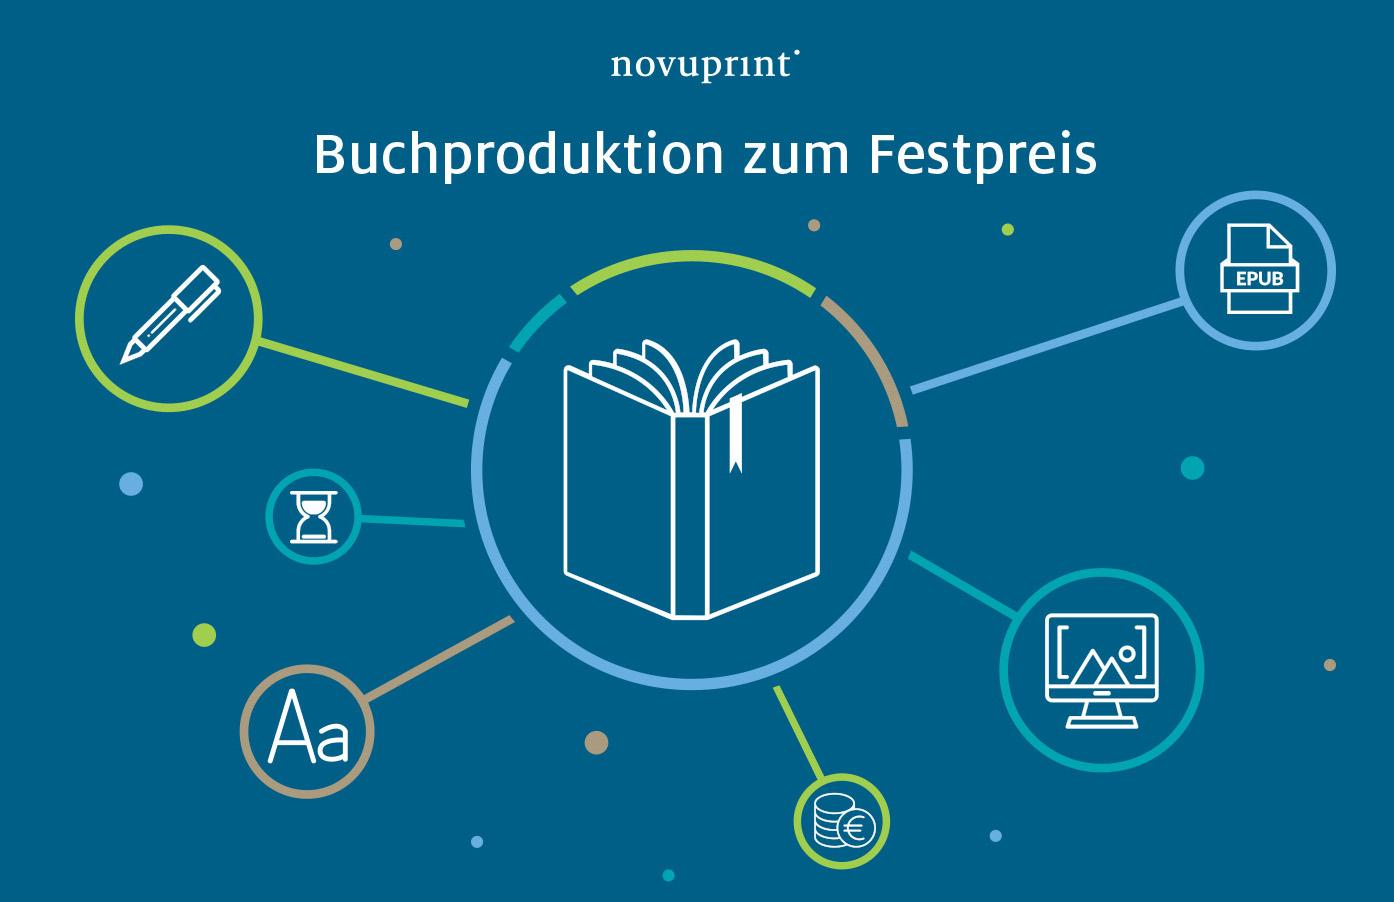 Buchproduktion zum Festpreis